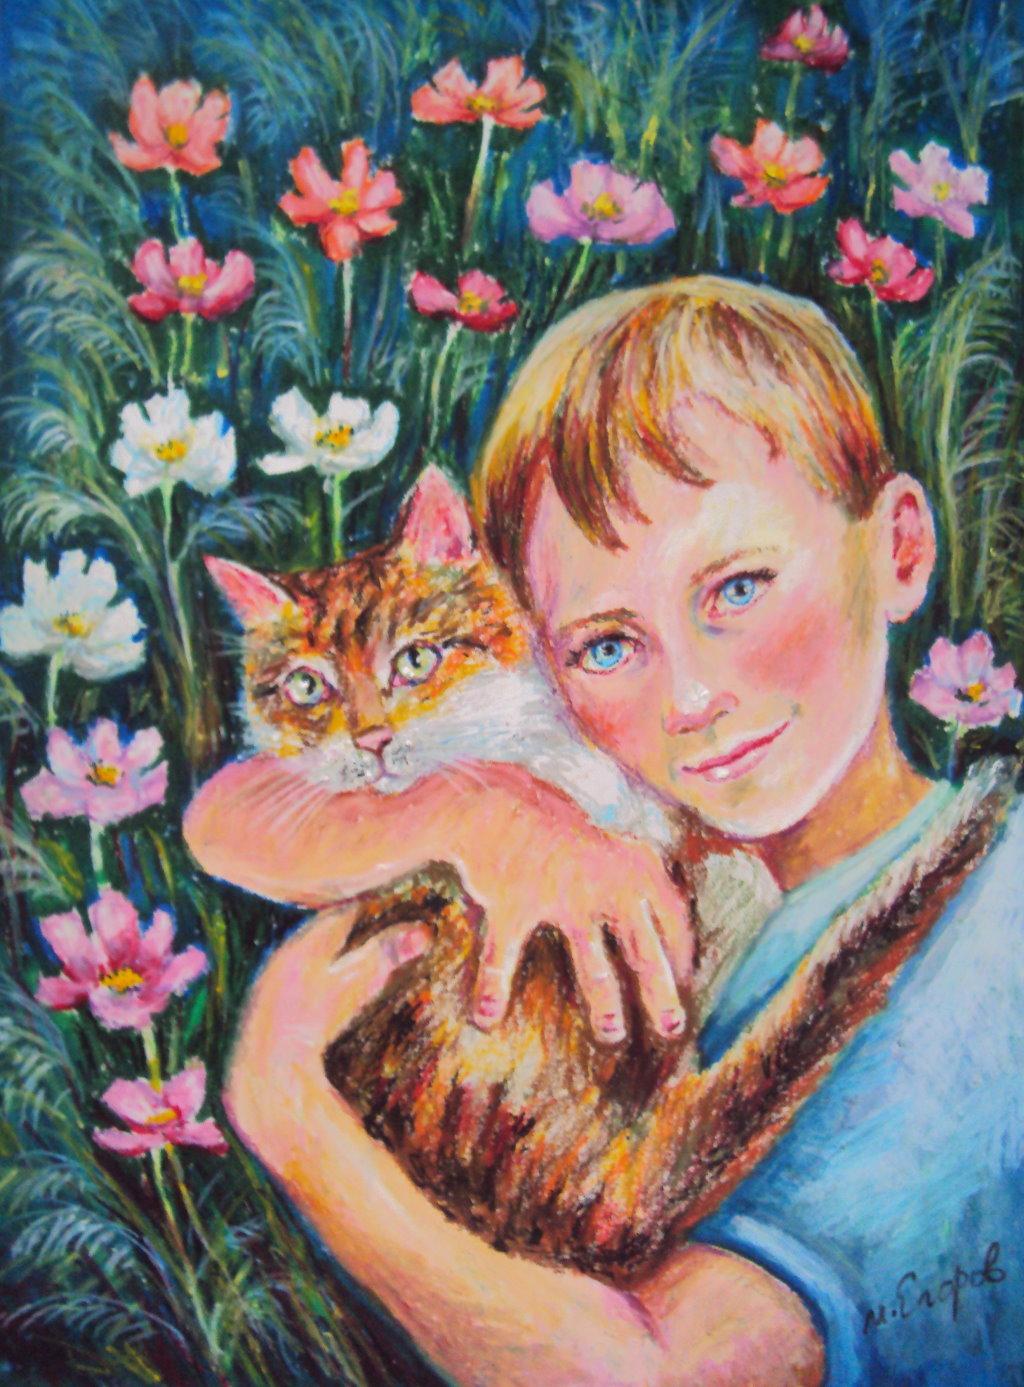 2-6.  依偎的日子Romashko with Cat 53x38.5cm 蠟筆畫.jpg